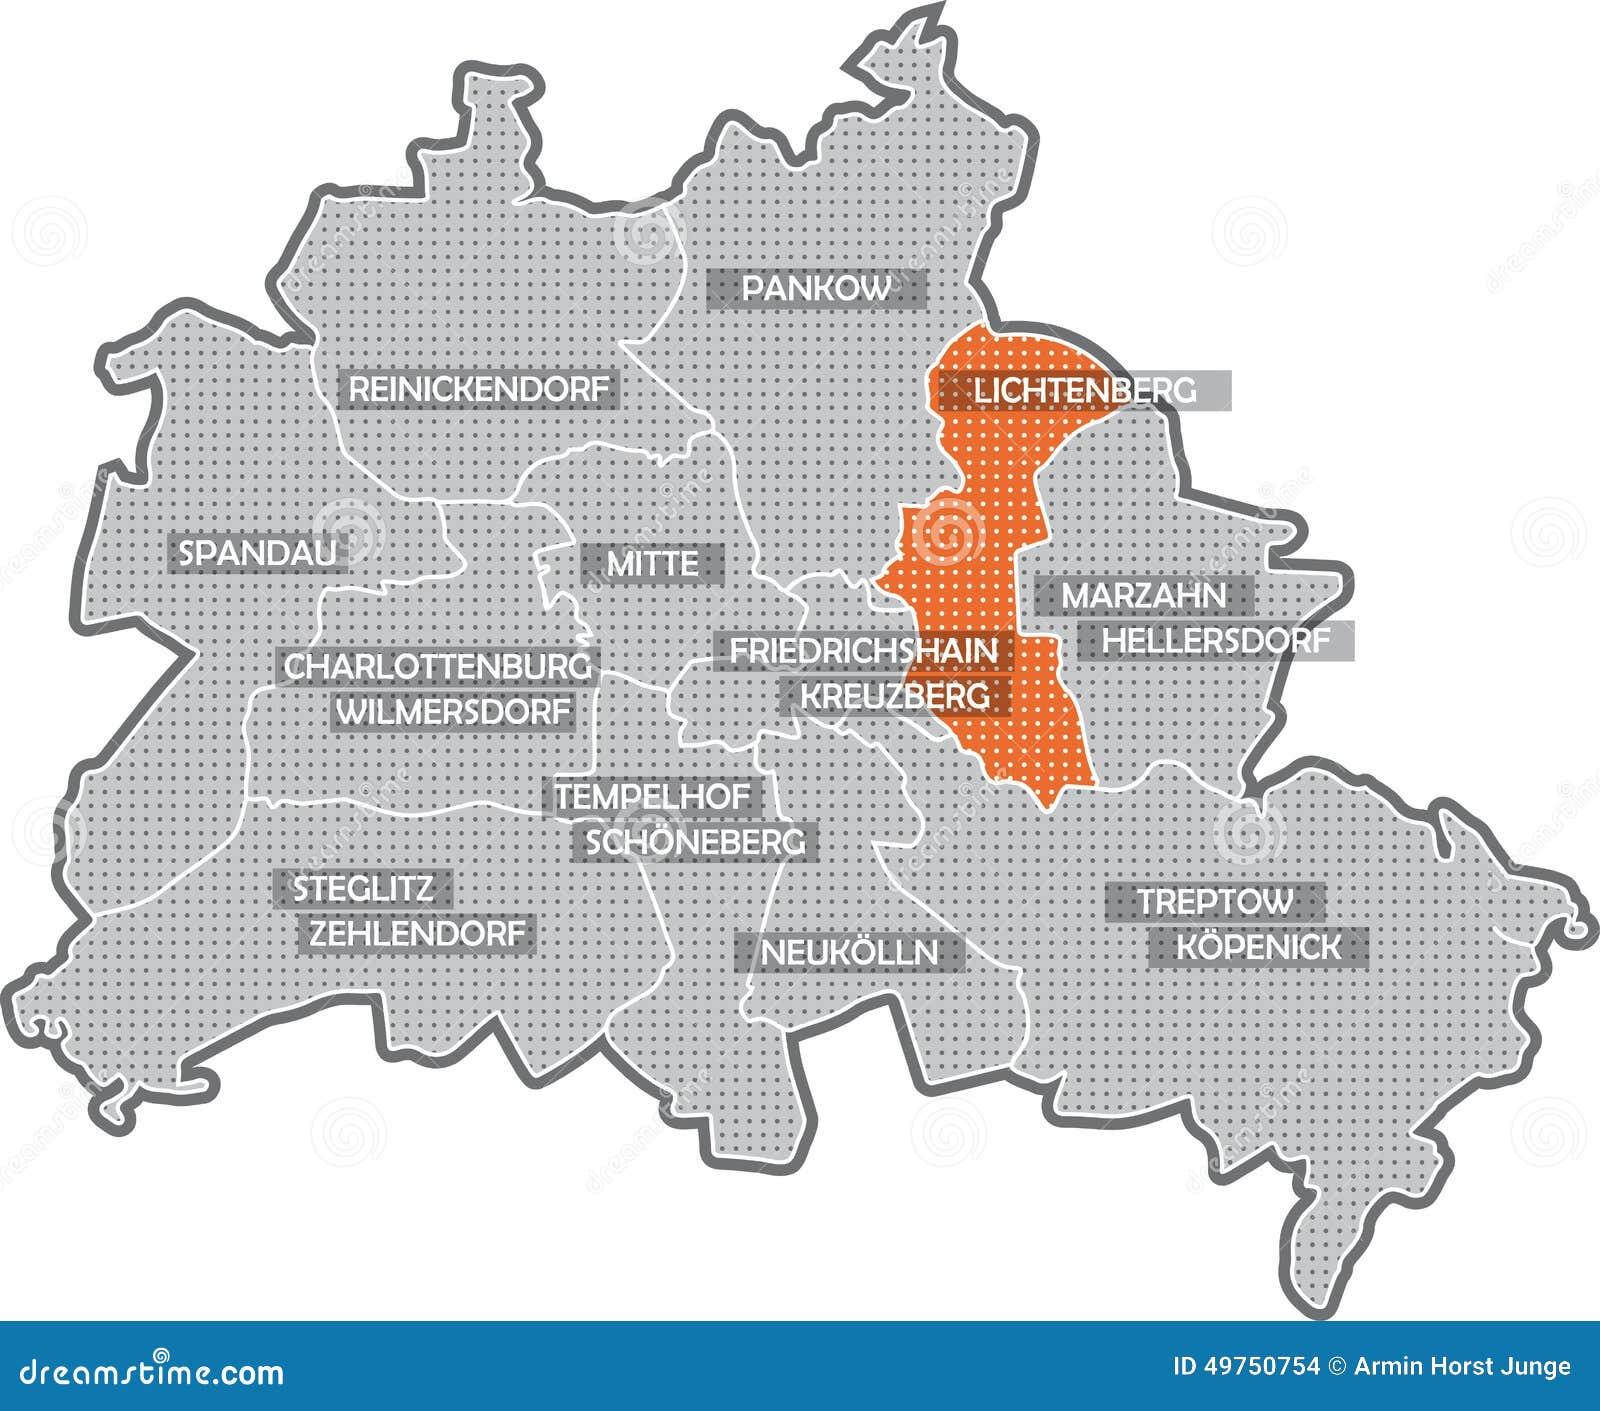 Ubersicht Uber Die 12 Bezirke Von Berlin Nach Der Bezirksgebietsreform